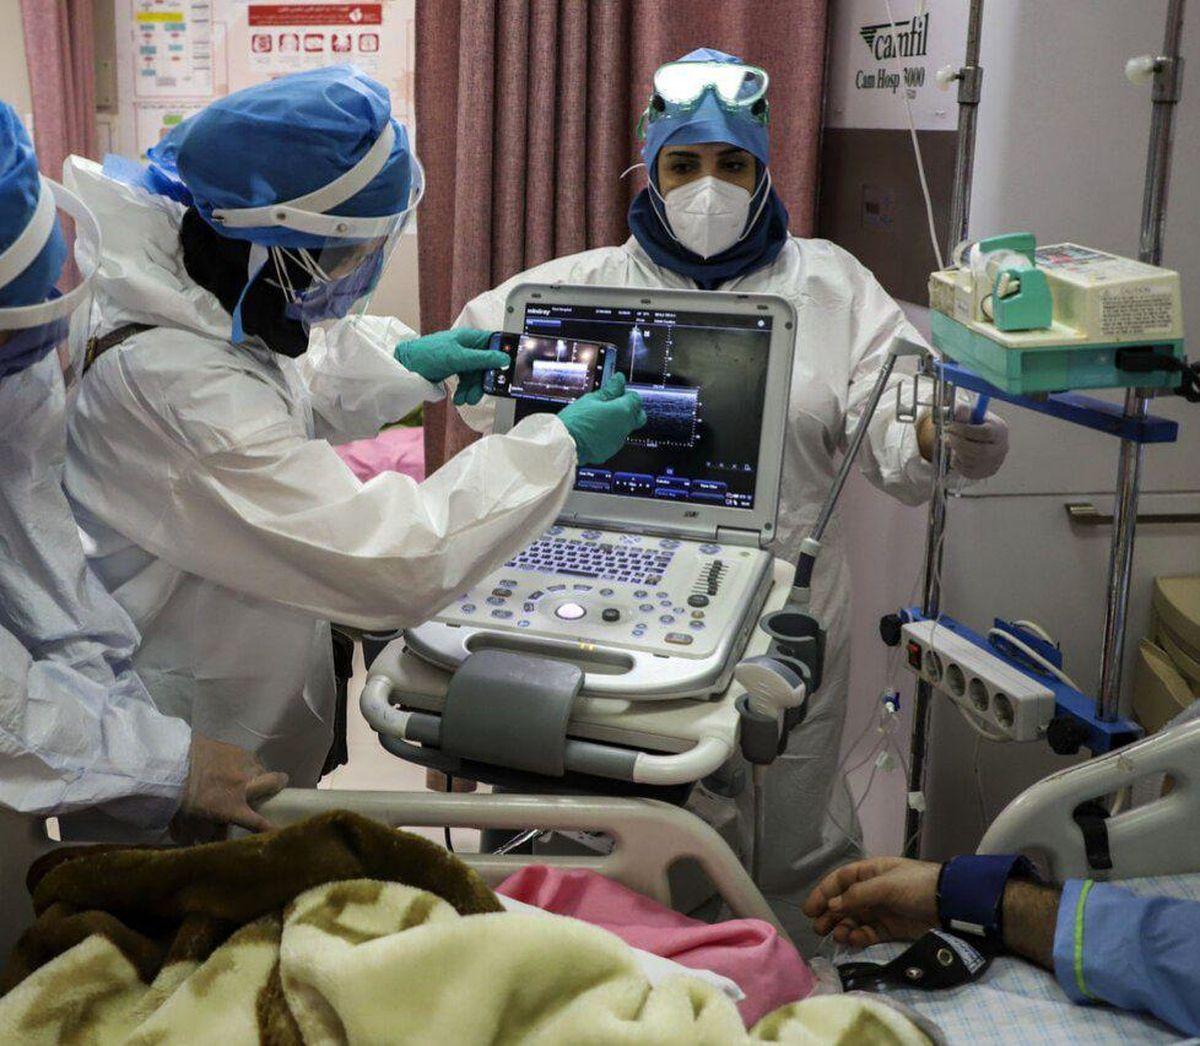 مبتلا شدن 170بیمار جدید به ویروس کرونا در اصفهان  / مرگ 8 بیمار